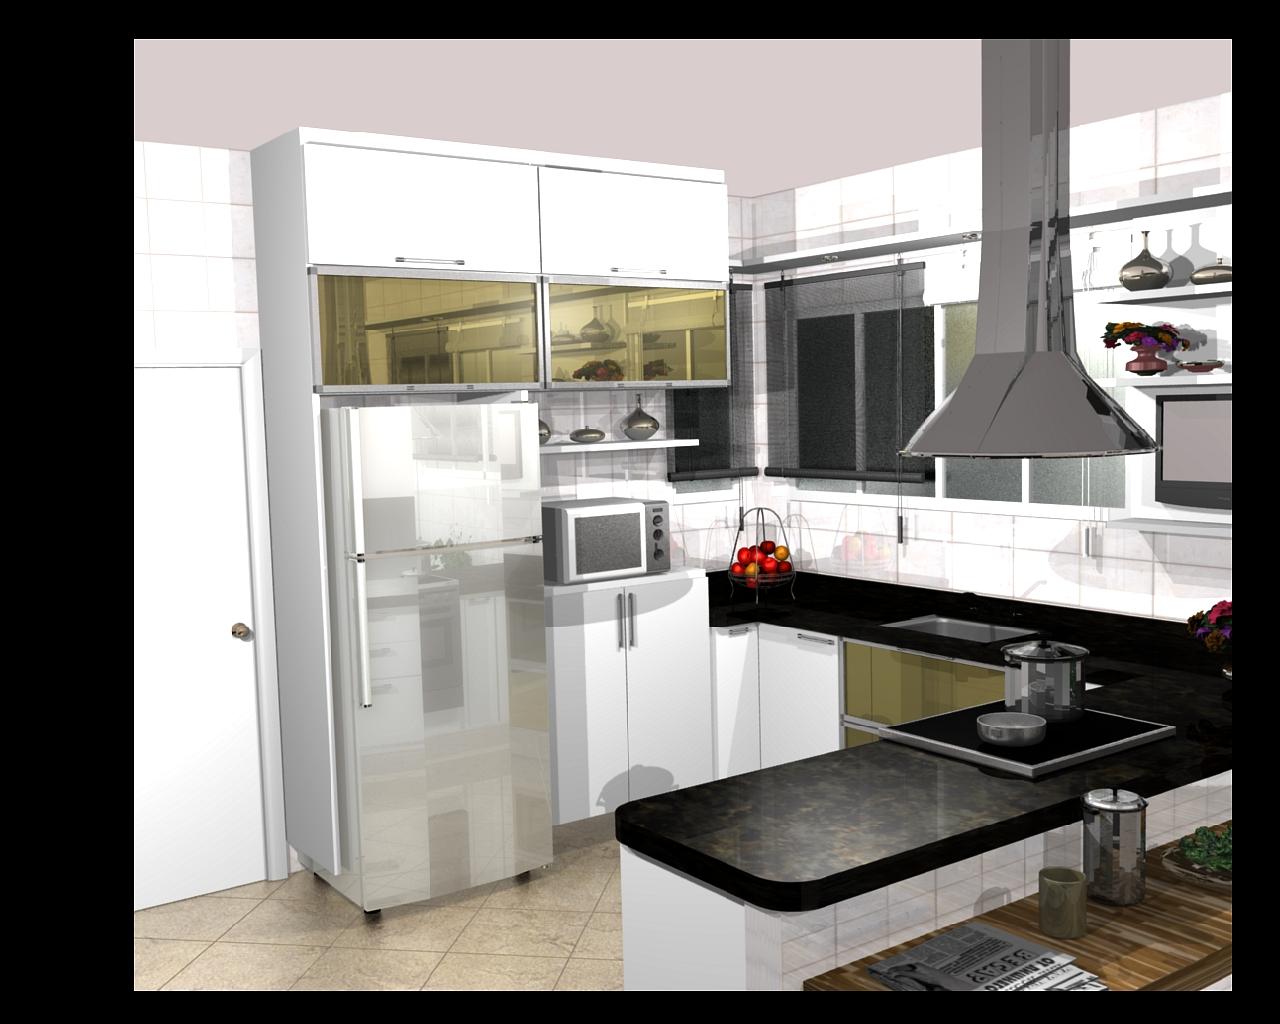 cozinha planejadas pequenas decorada americana modulada luxo moderna  #B31B18 1280 1024